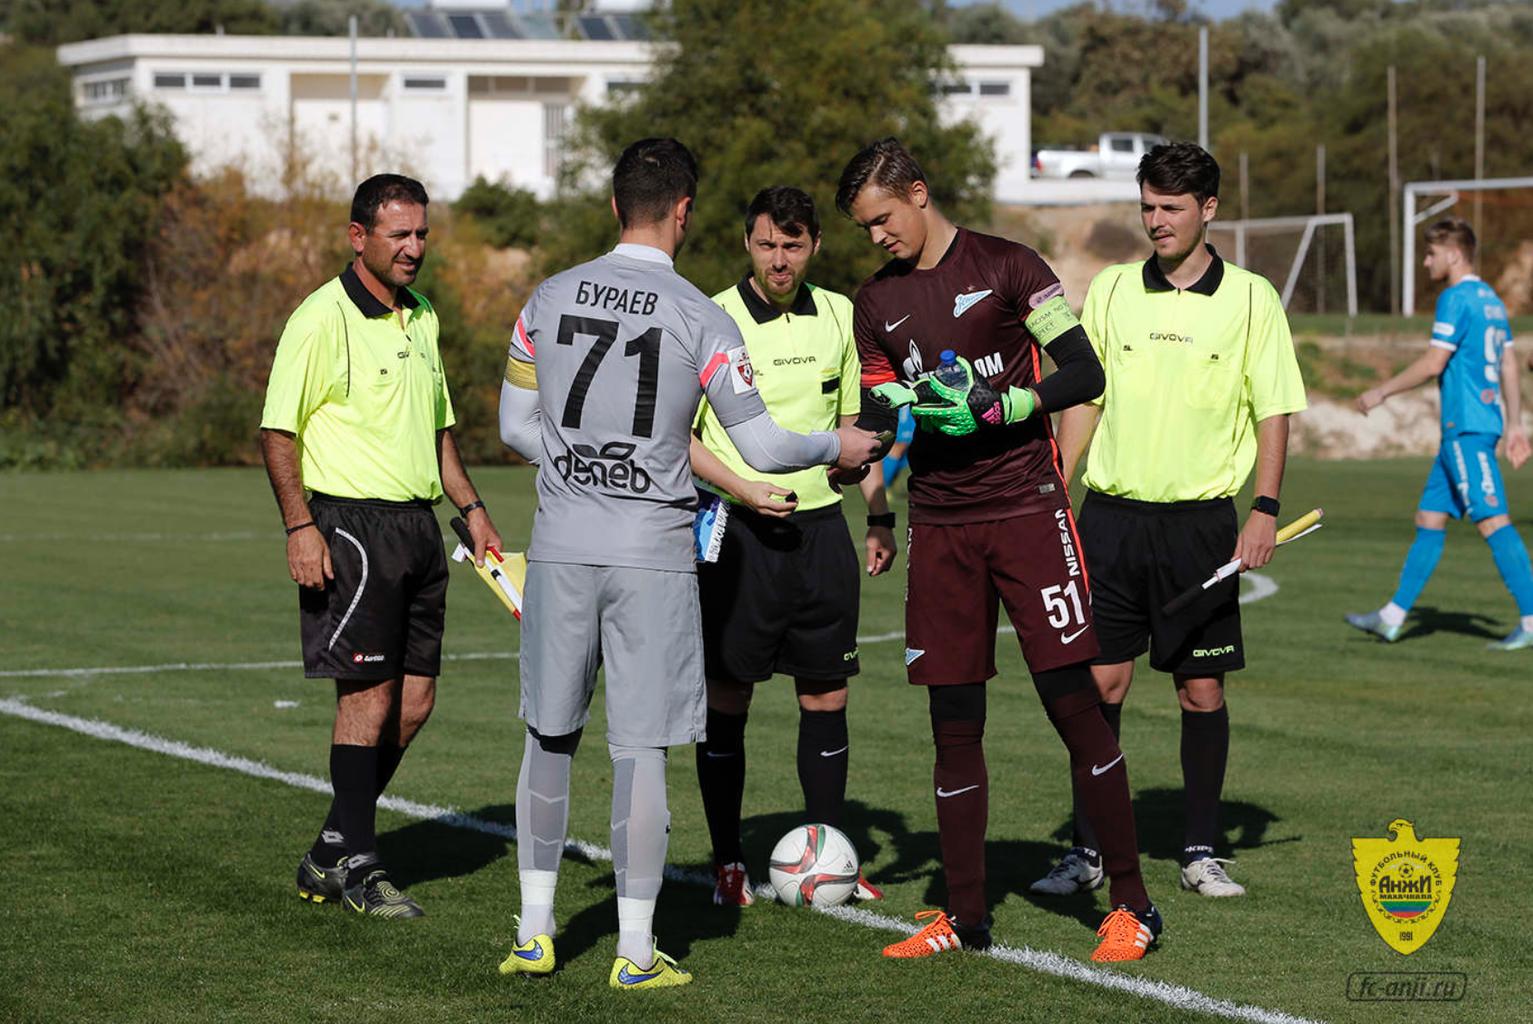 Anji U21 - Zenit U21 2016 Cipru Alin Stoica (C), Adrian Udrea (R).png